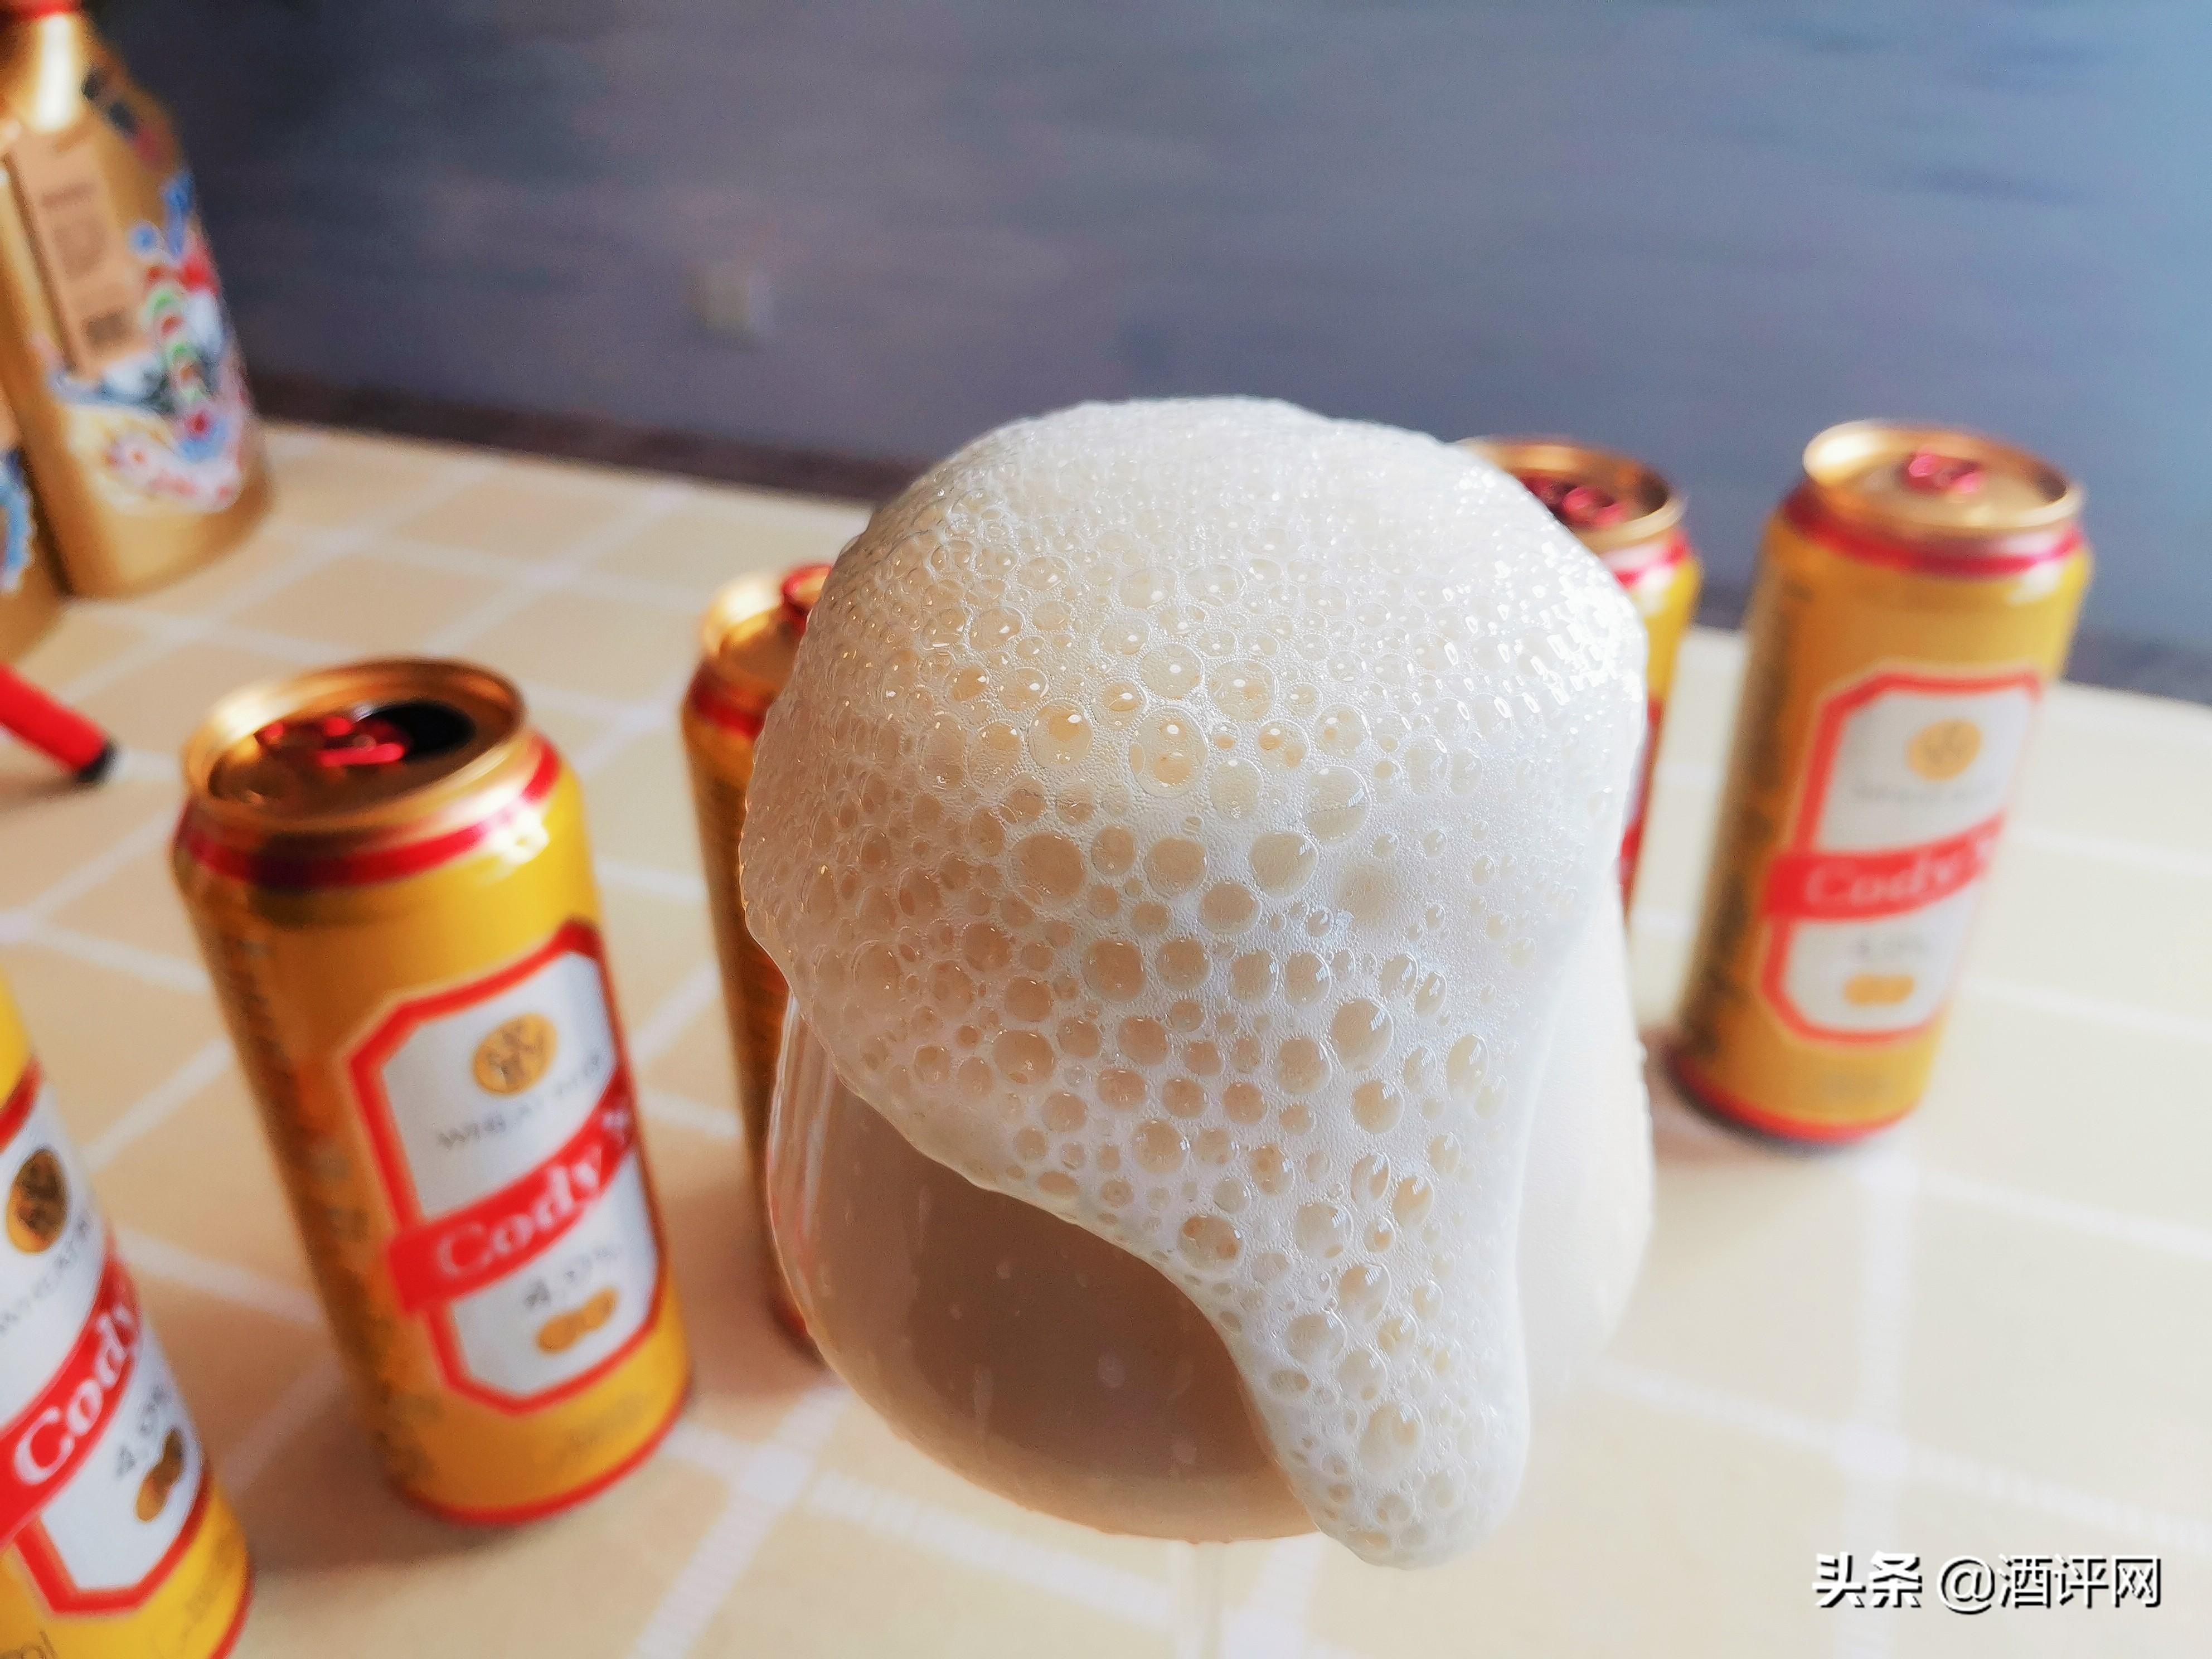 喝啤酒还在对瓶吹吗?快停下,别再糟蹋啤酒了